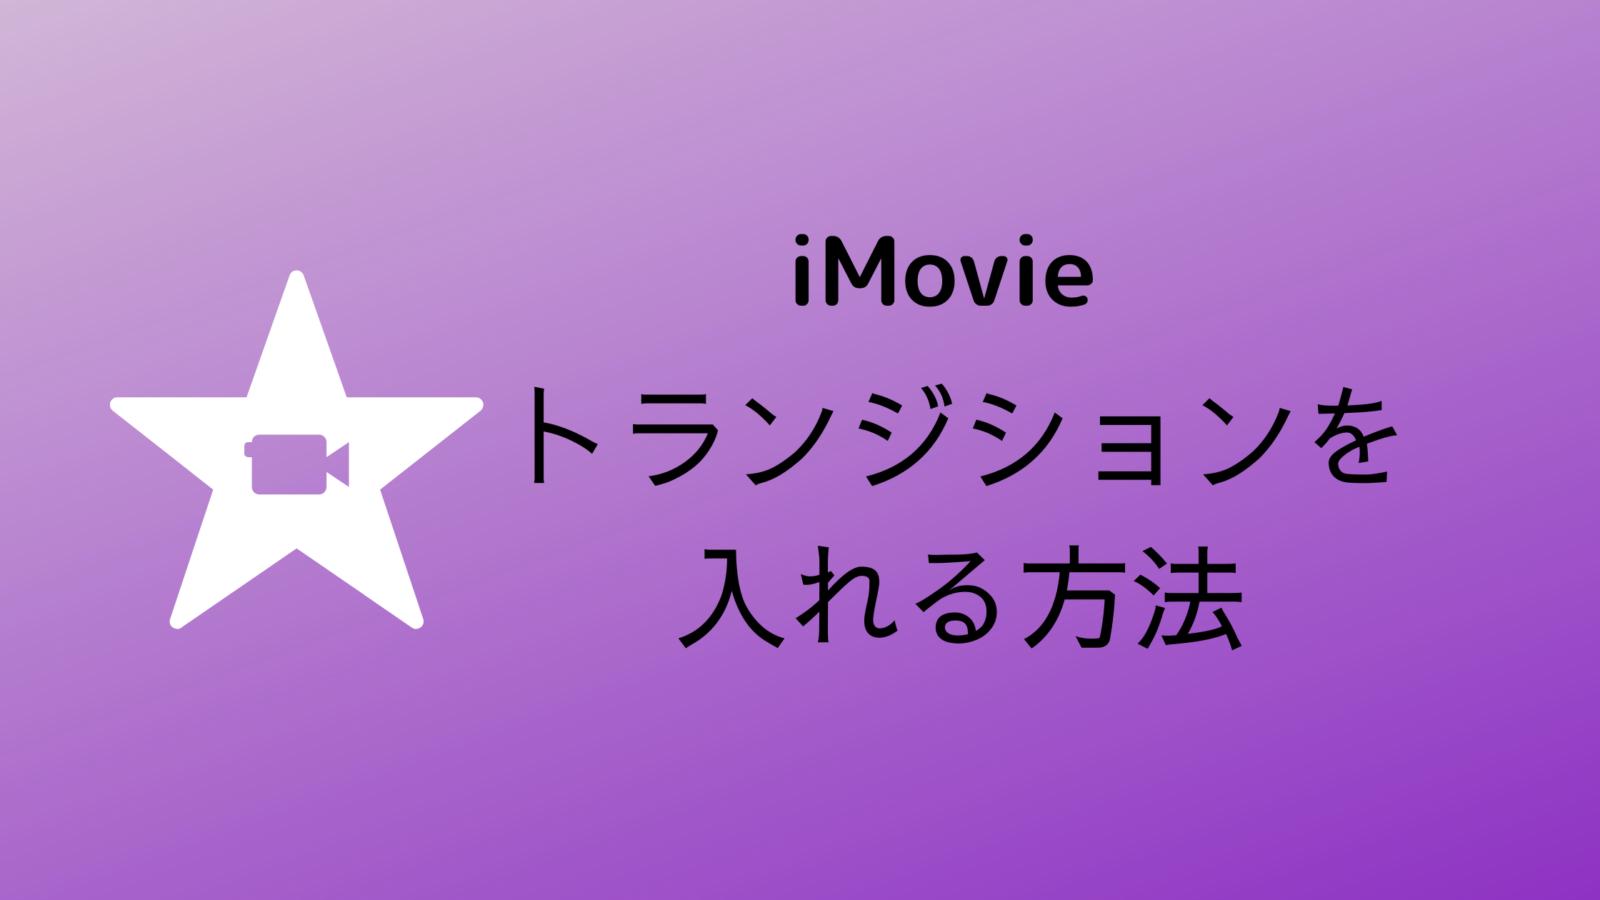 スマホアプリ【iMovie】でトランジションをつける方法